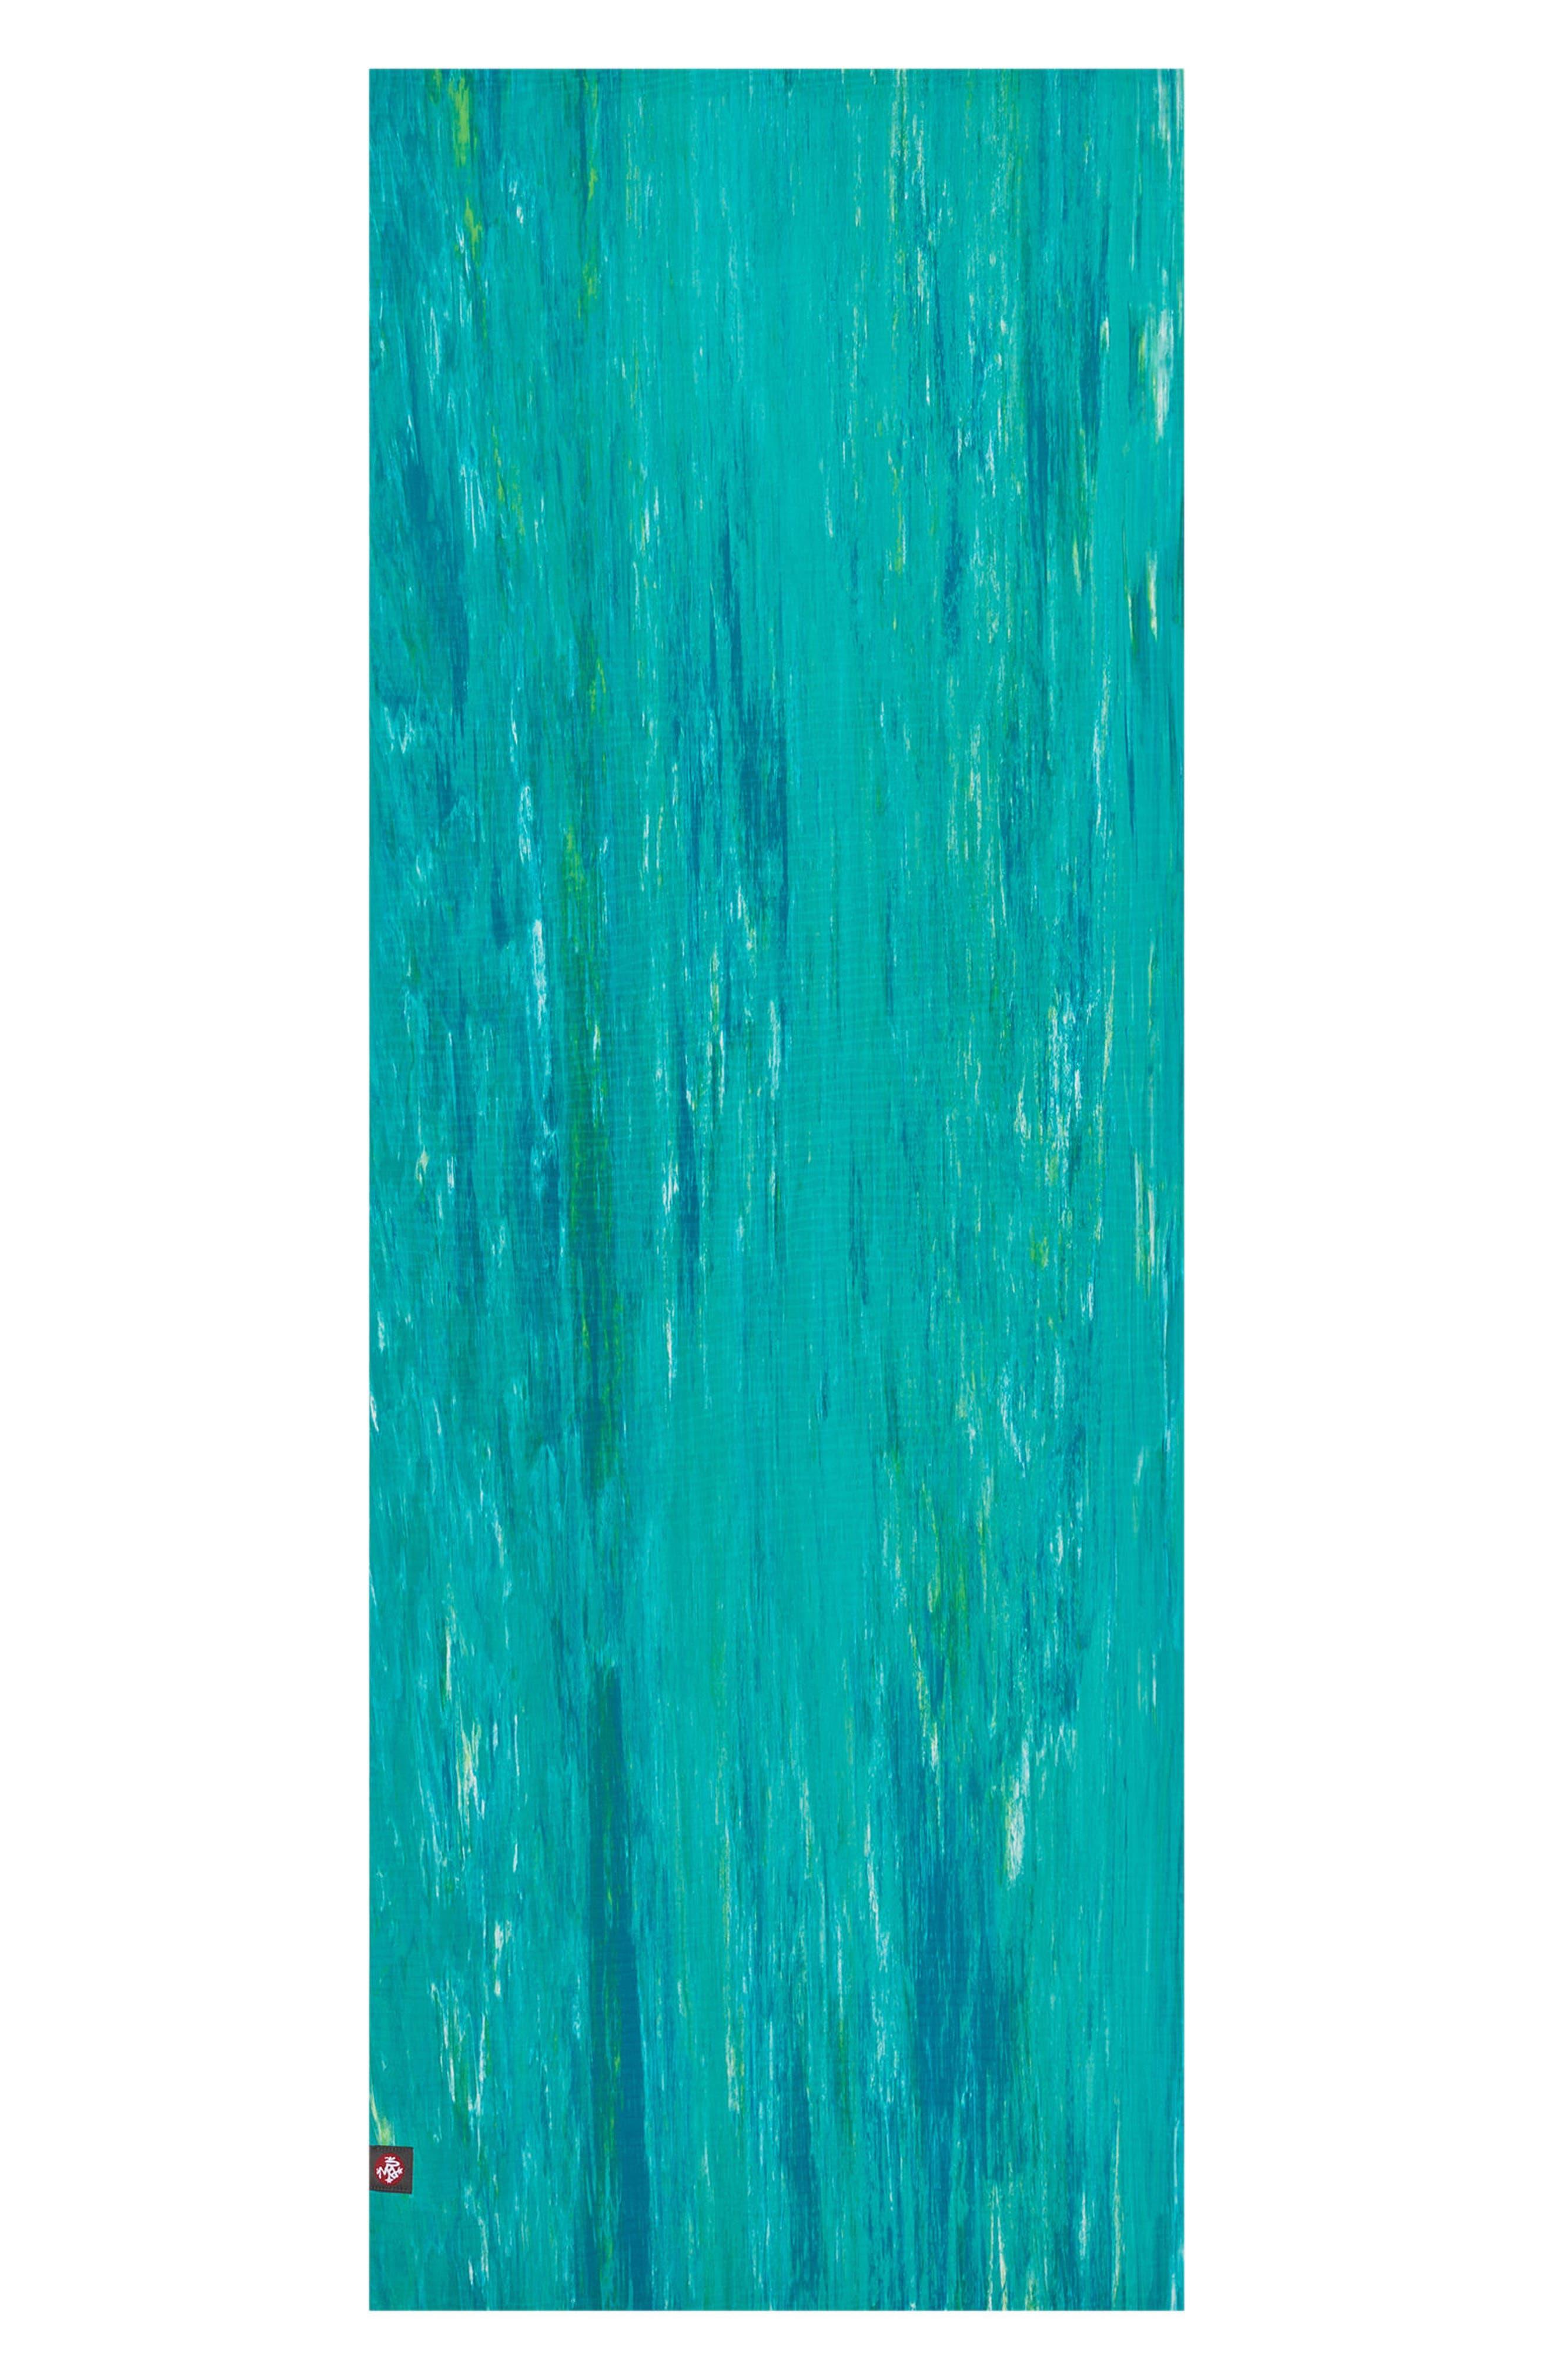 eko 5MM La Reina,                             Main thumbnail 1, color,                             400